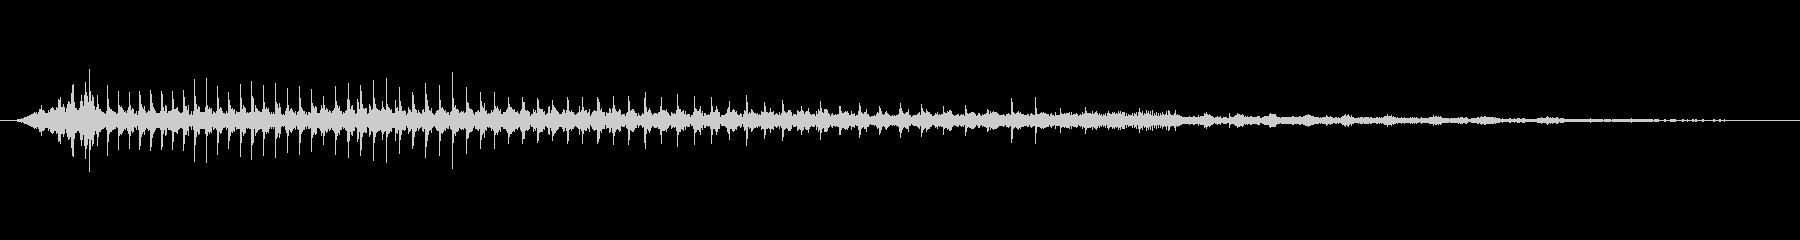 グラインダーハンド;スピードアップ...の未再生の波形